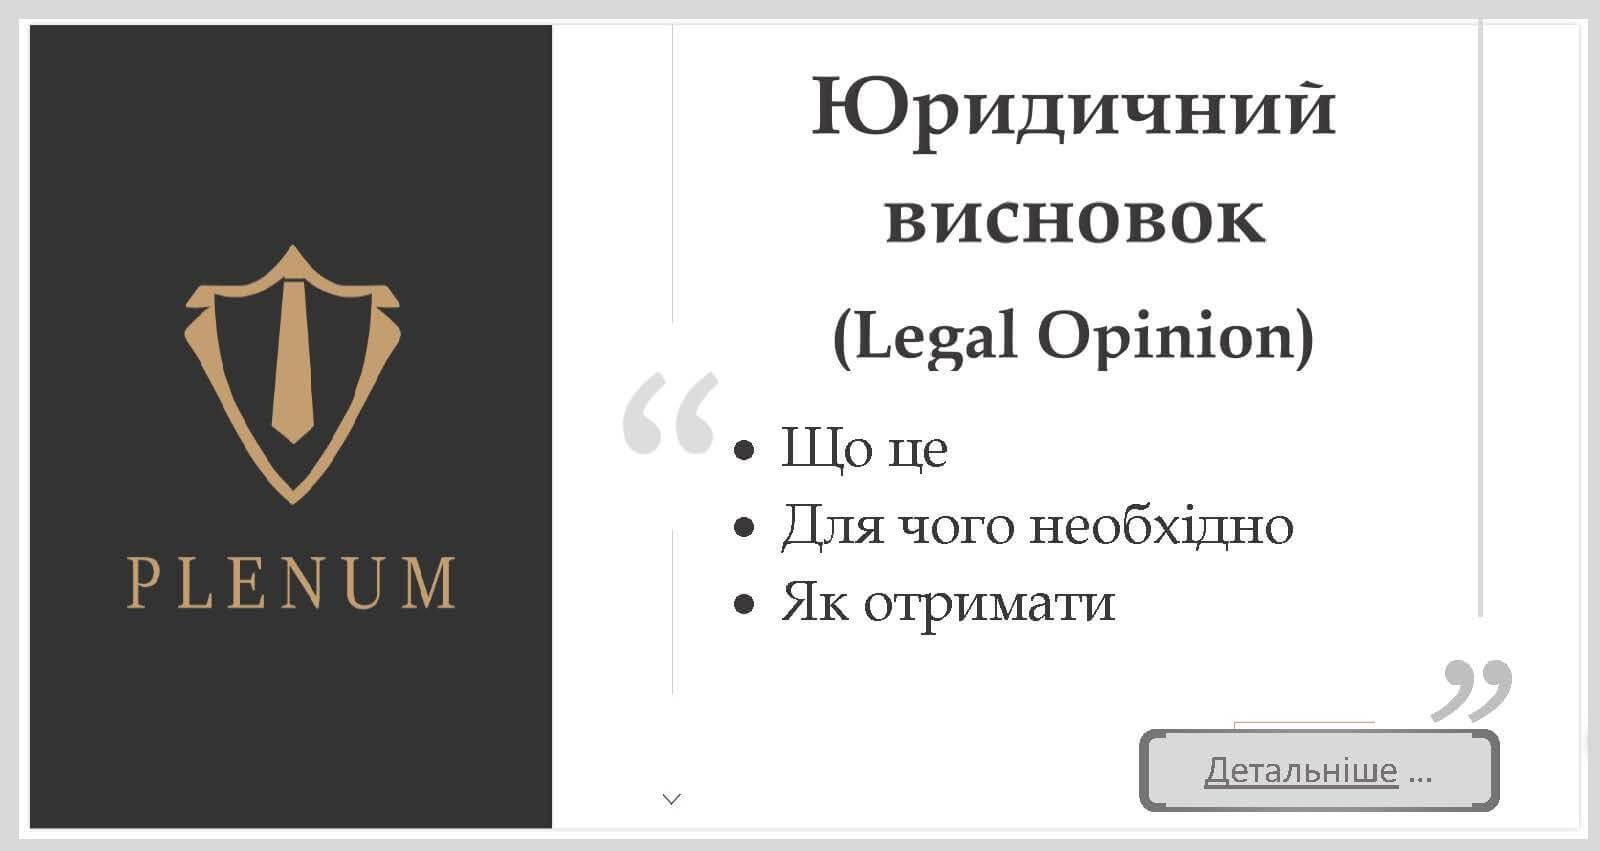 Юридичний висновок (Legal Opinion)